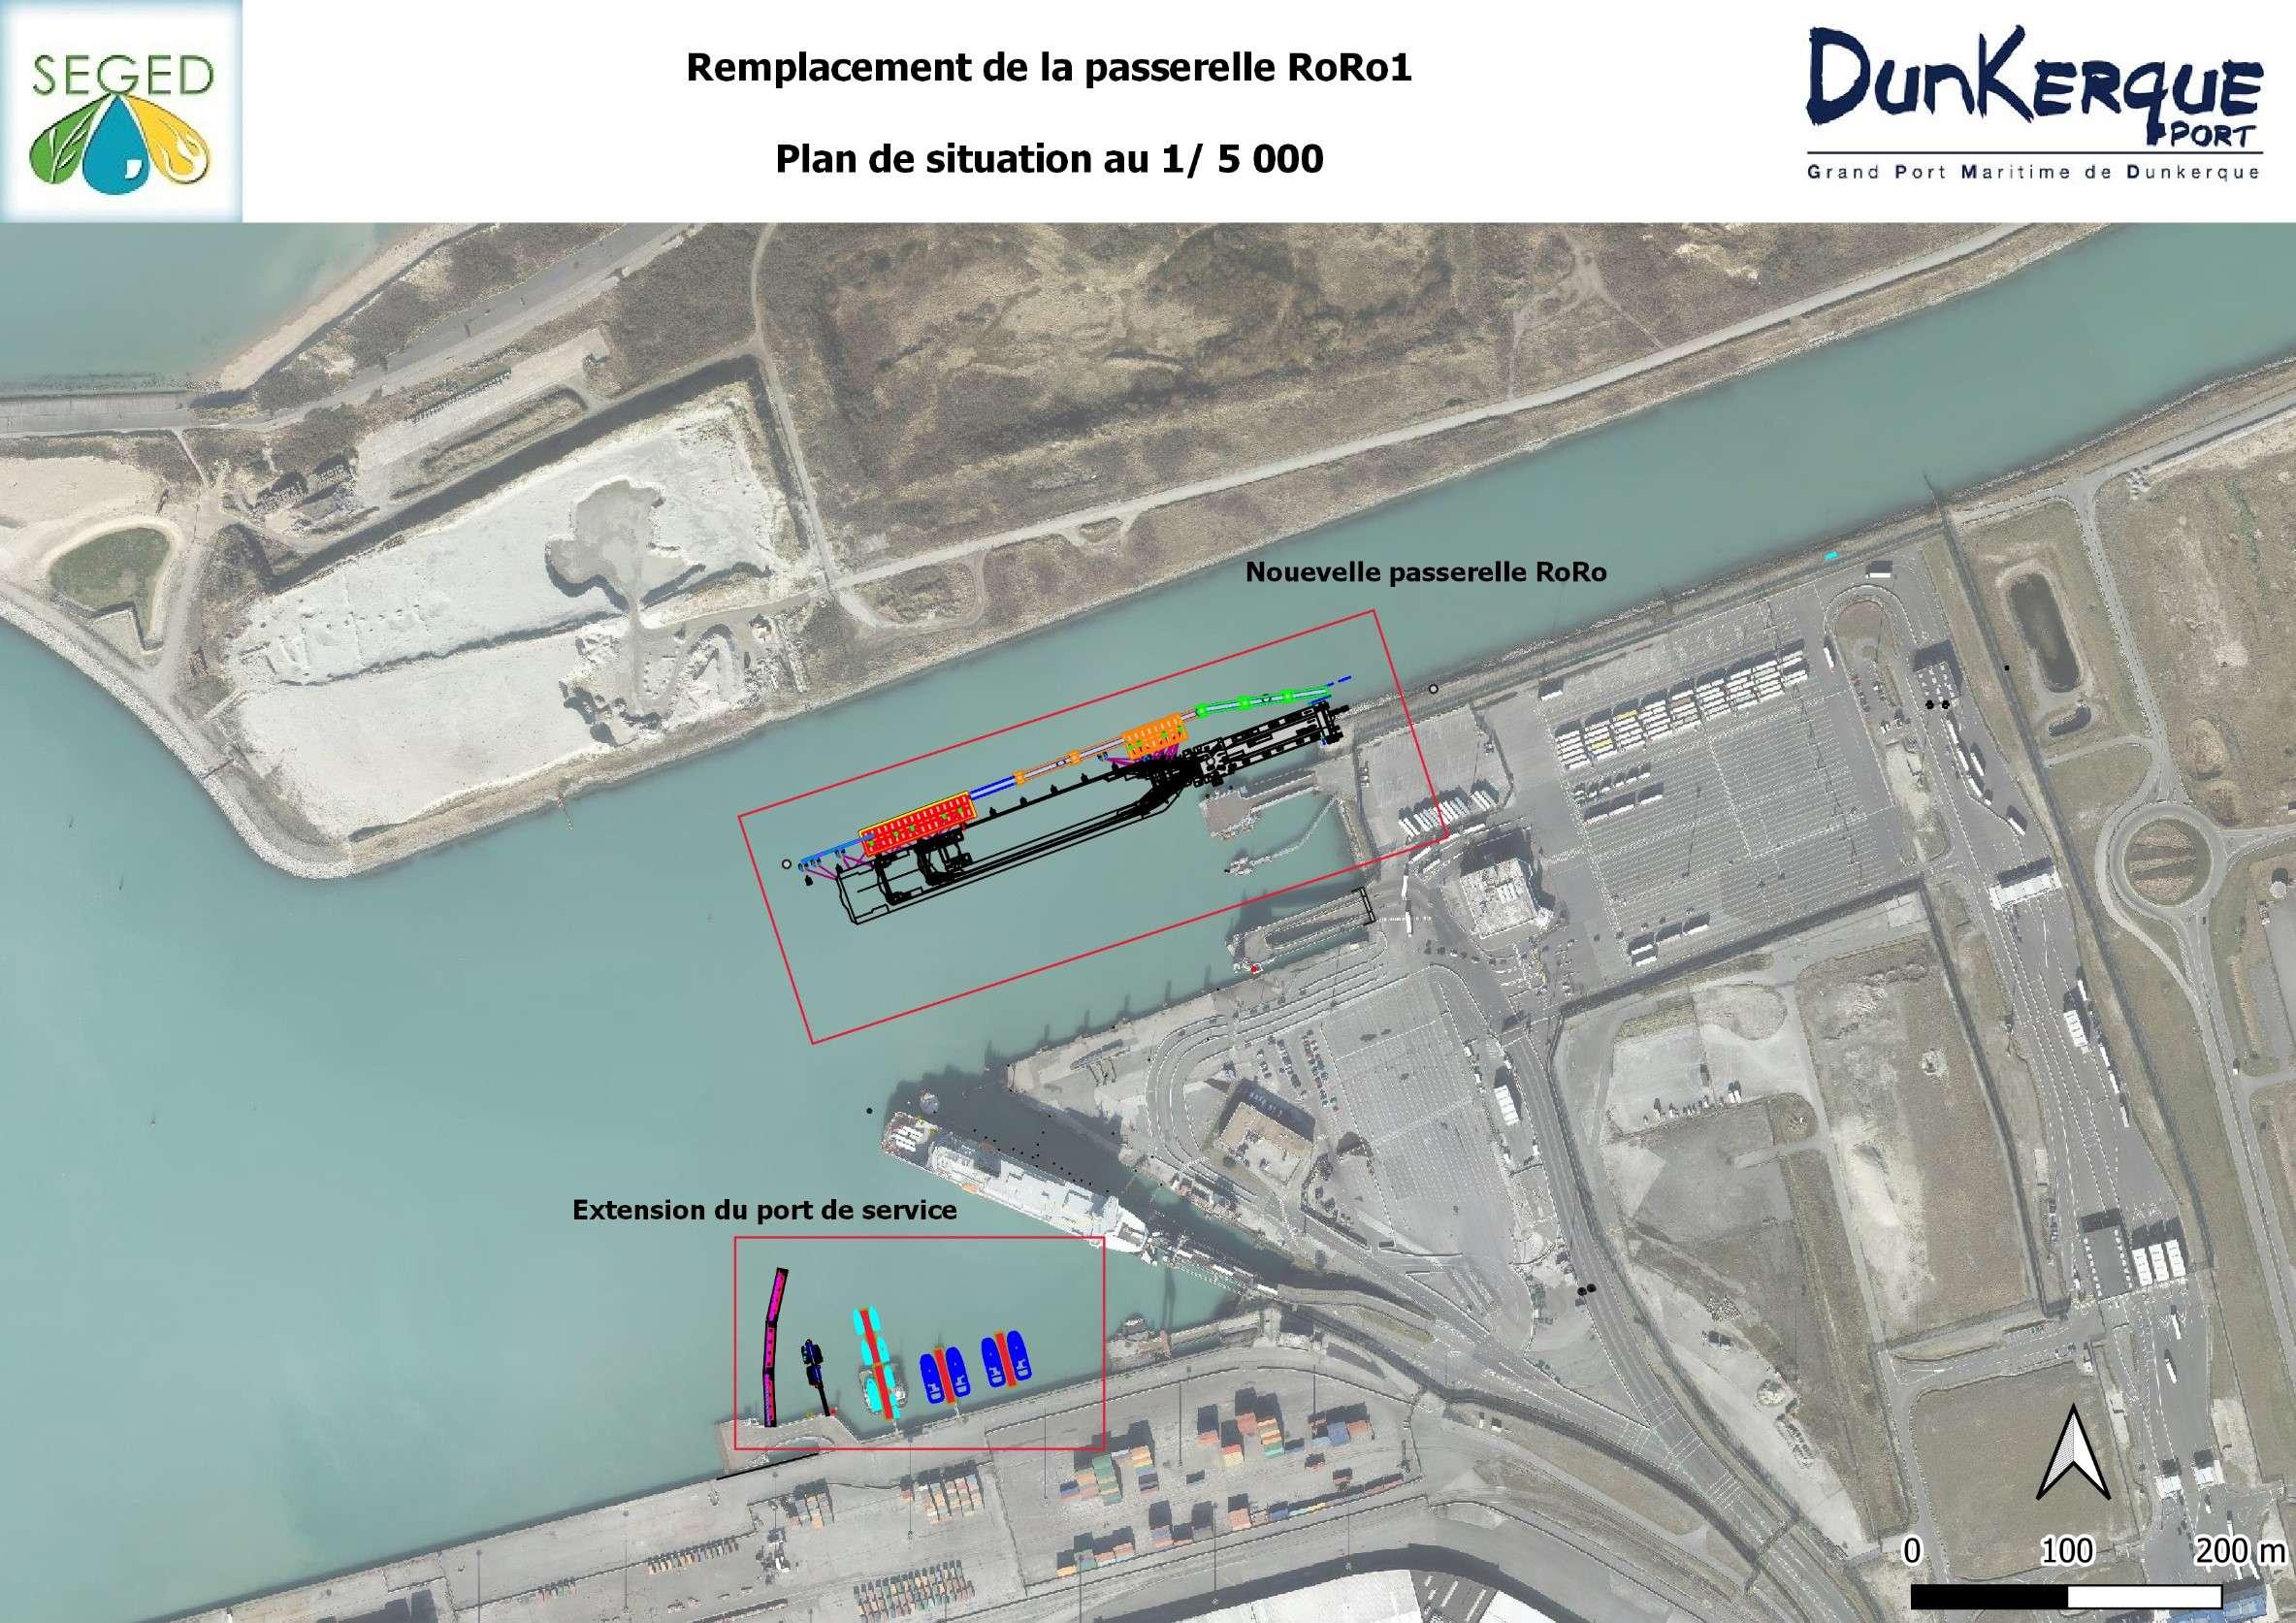 projet de remplacement du poste Transmanche RoRo1 du port Ouest de Dunkerque